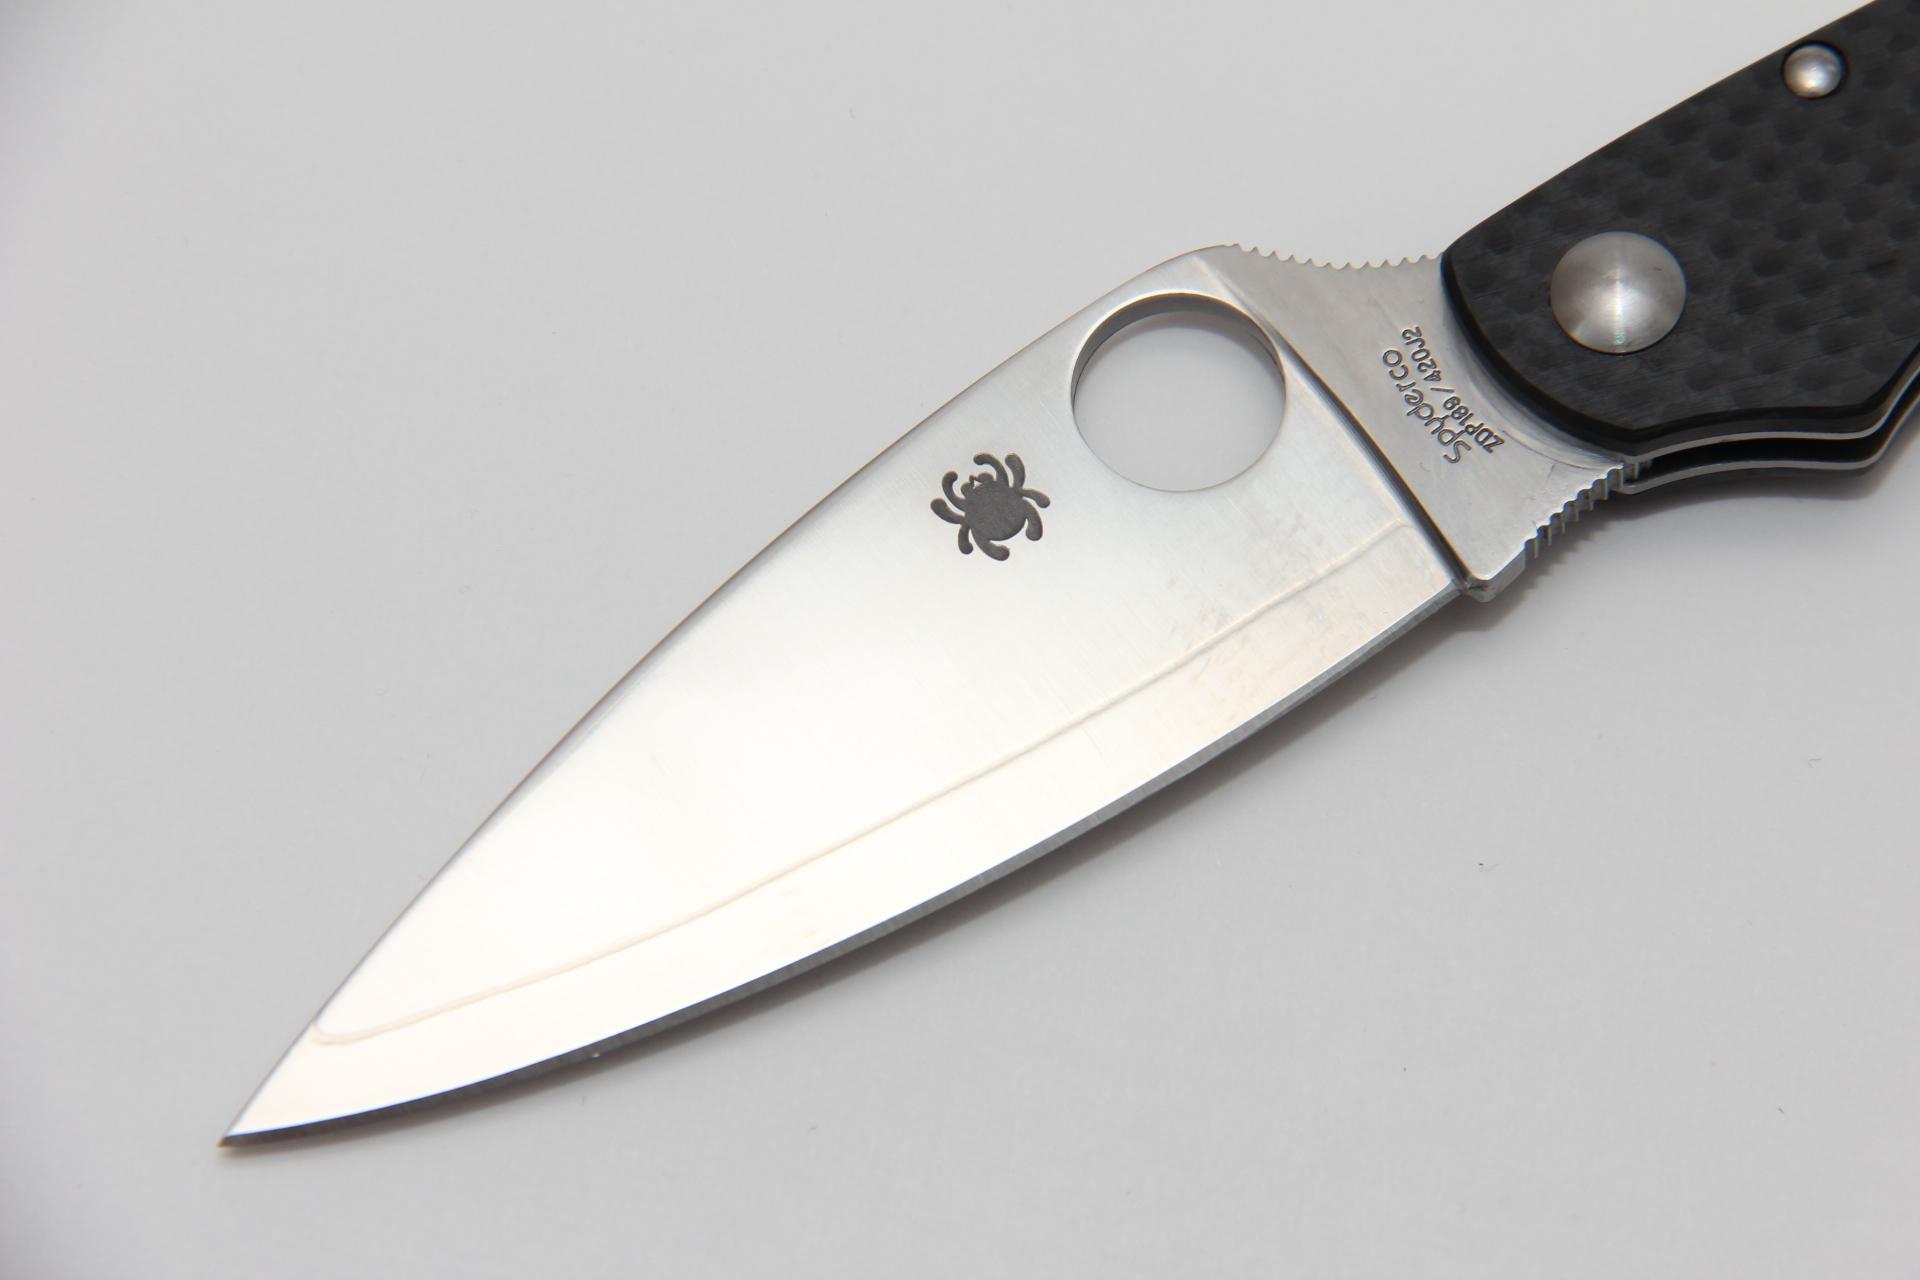 Нож Spyderco Caly 3.5 C144CFPE - фотография